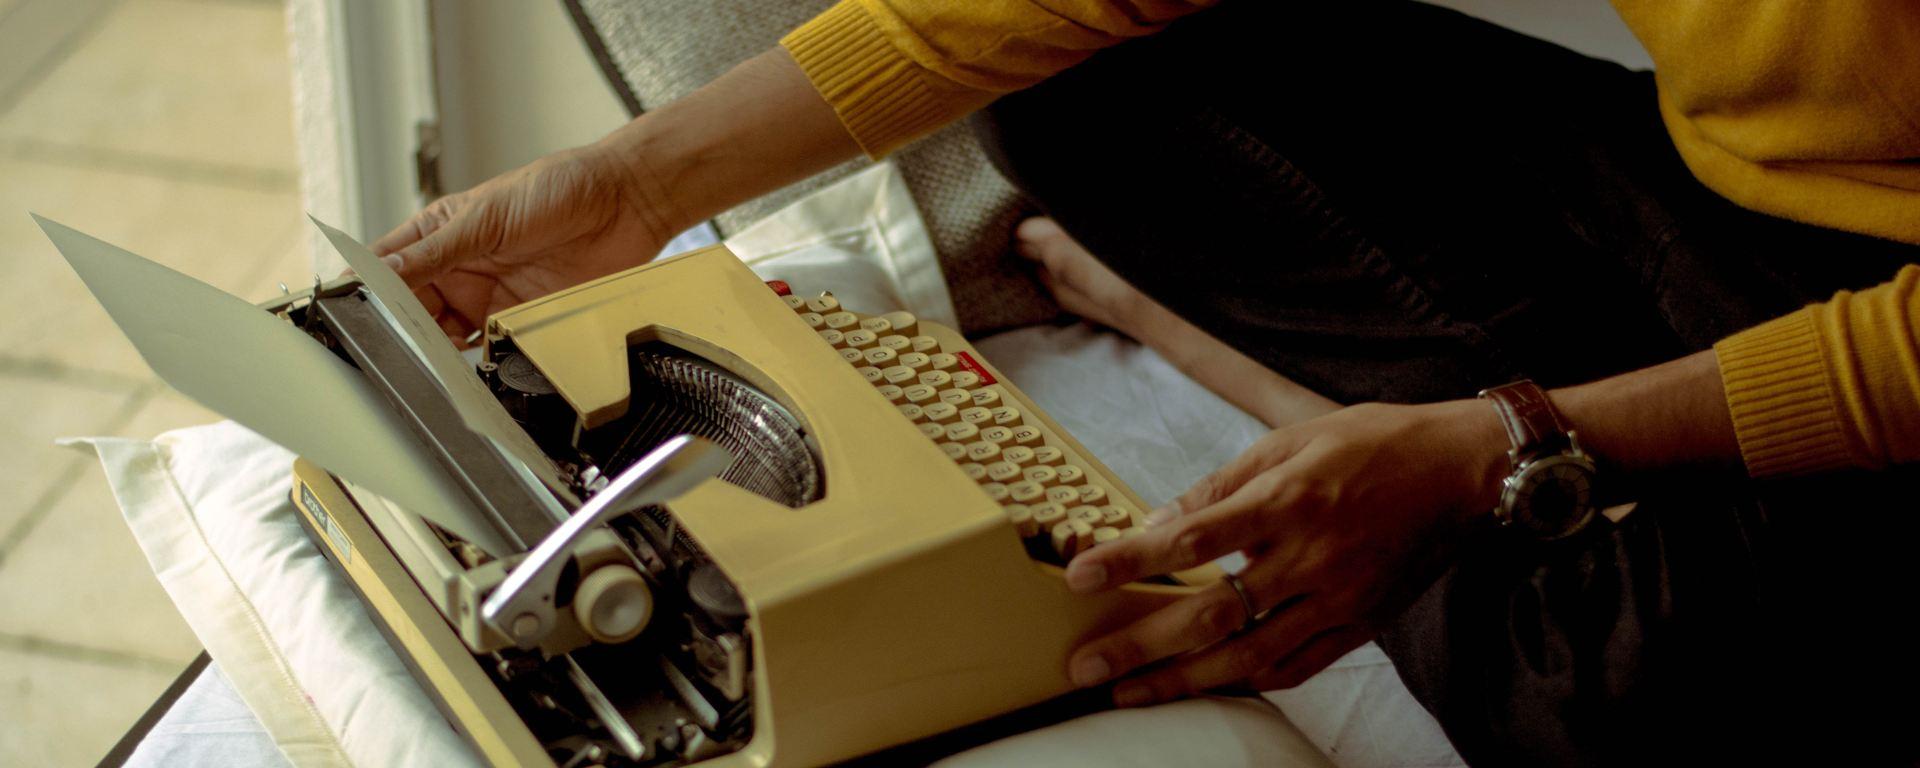 comment faire face au syndrome de la page blanche - surmonter manque inspiration écriture